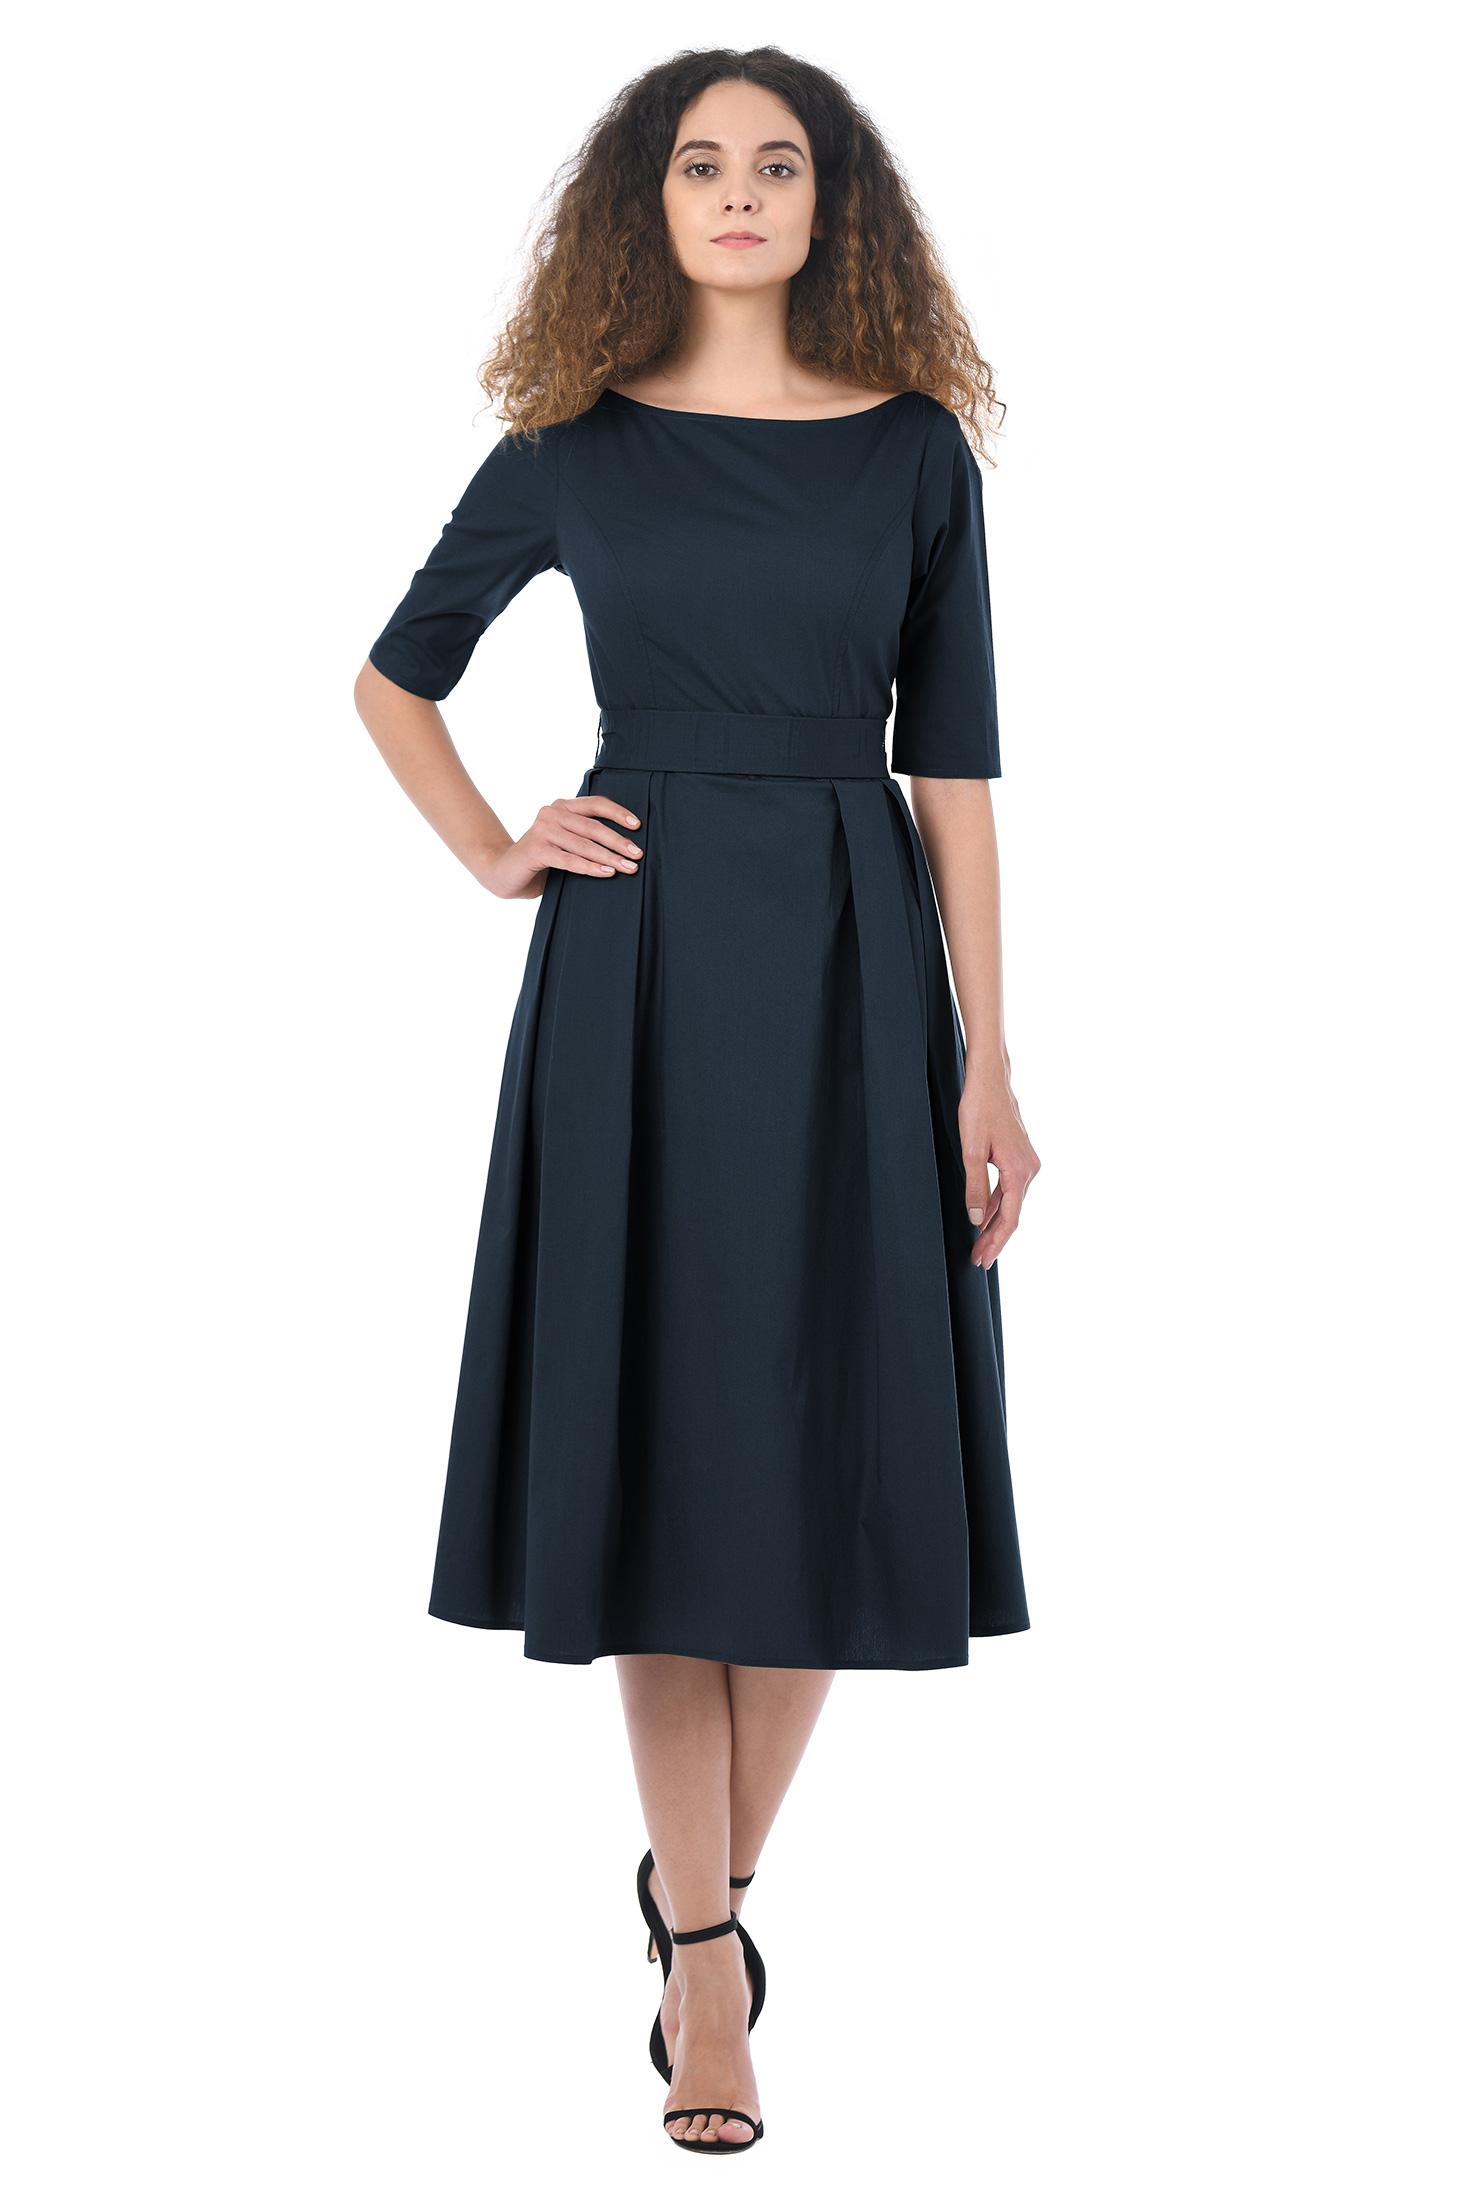 Eshakti Womens Quincy Dress